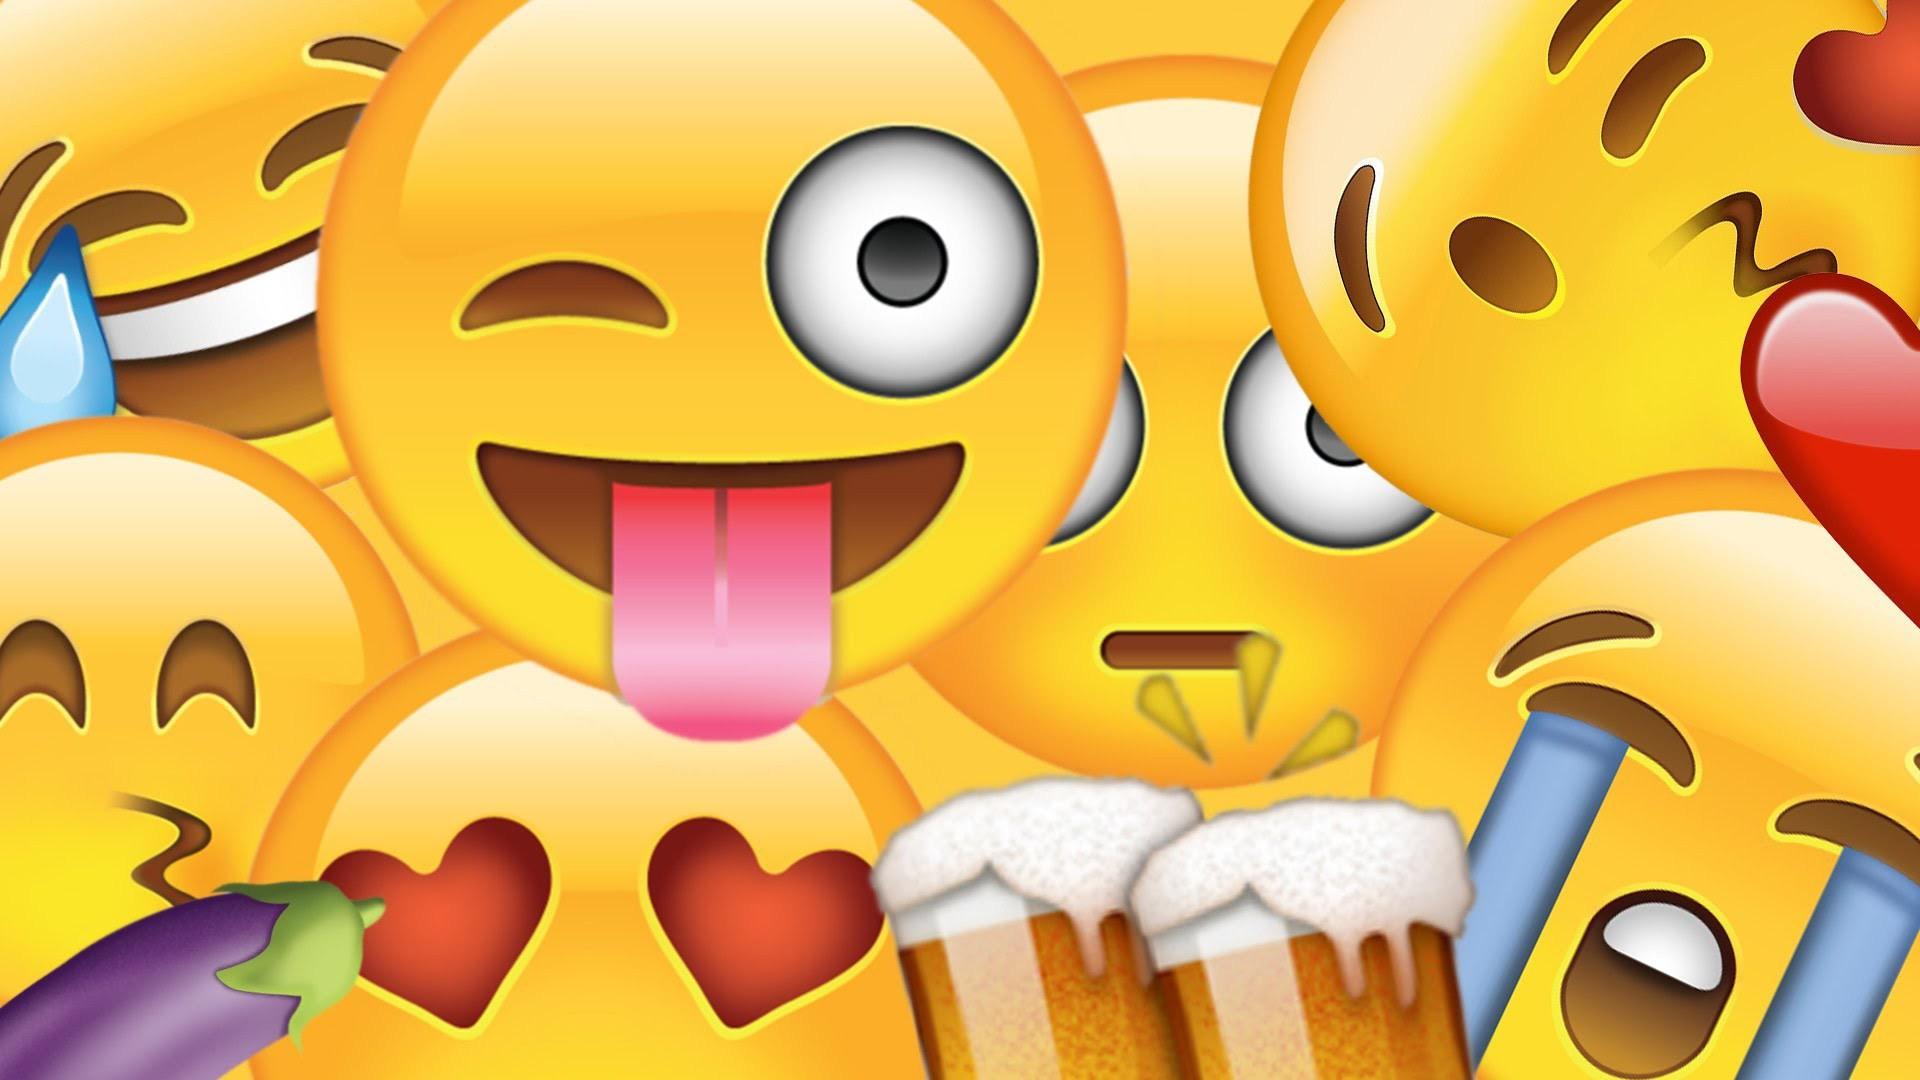 Emoji Wallpaper HD | HD Wallpaper Stock